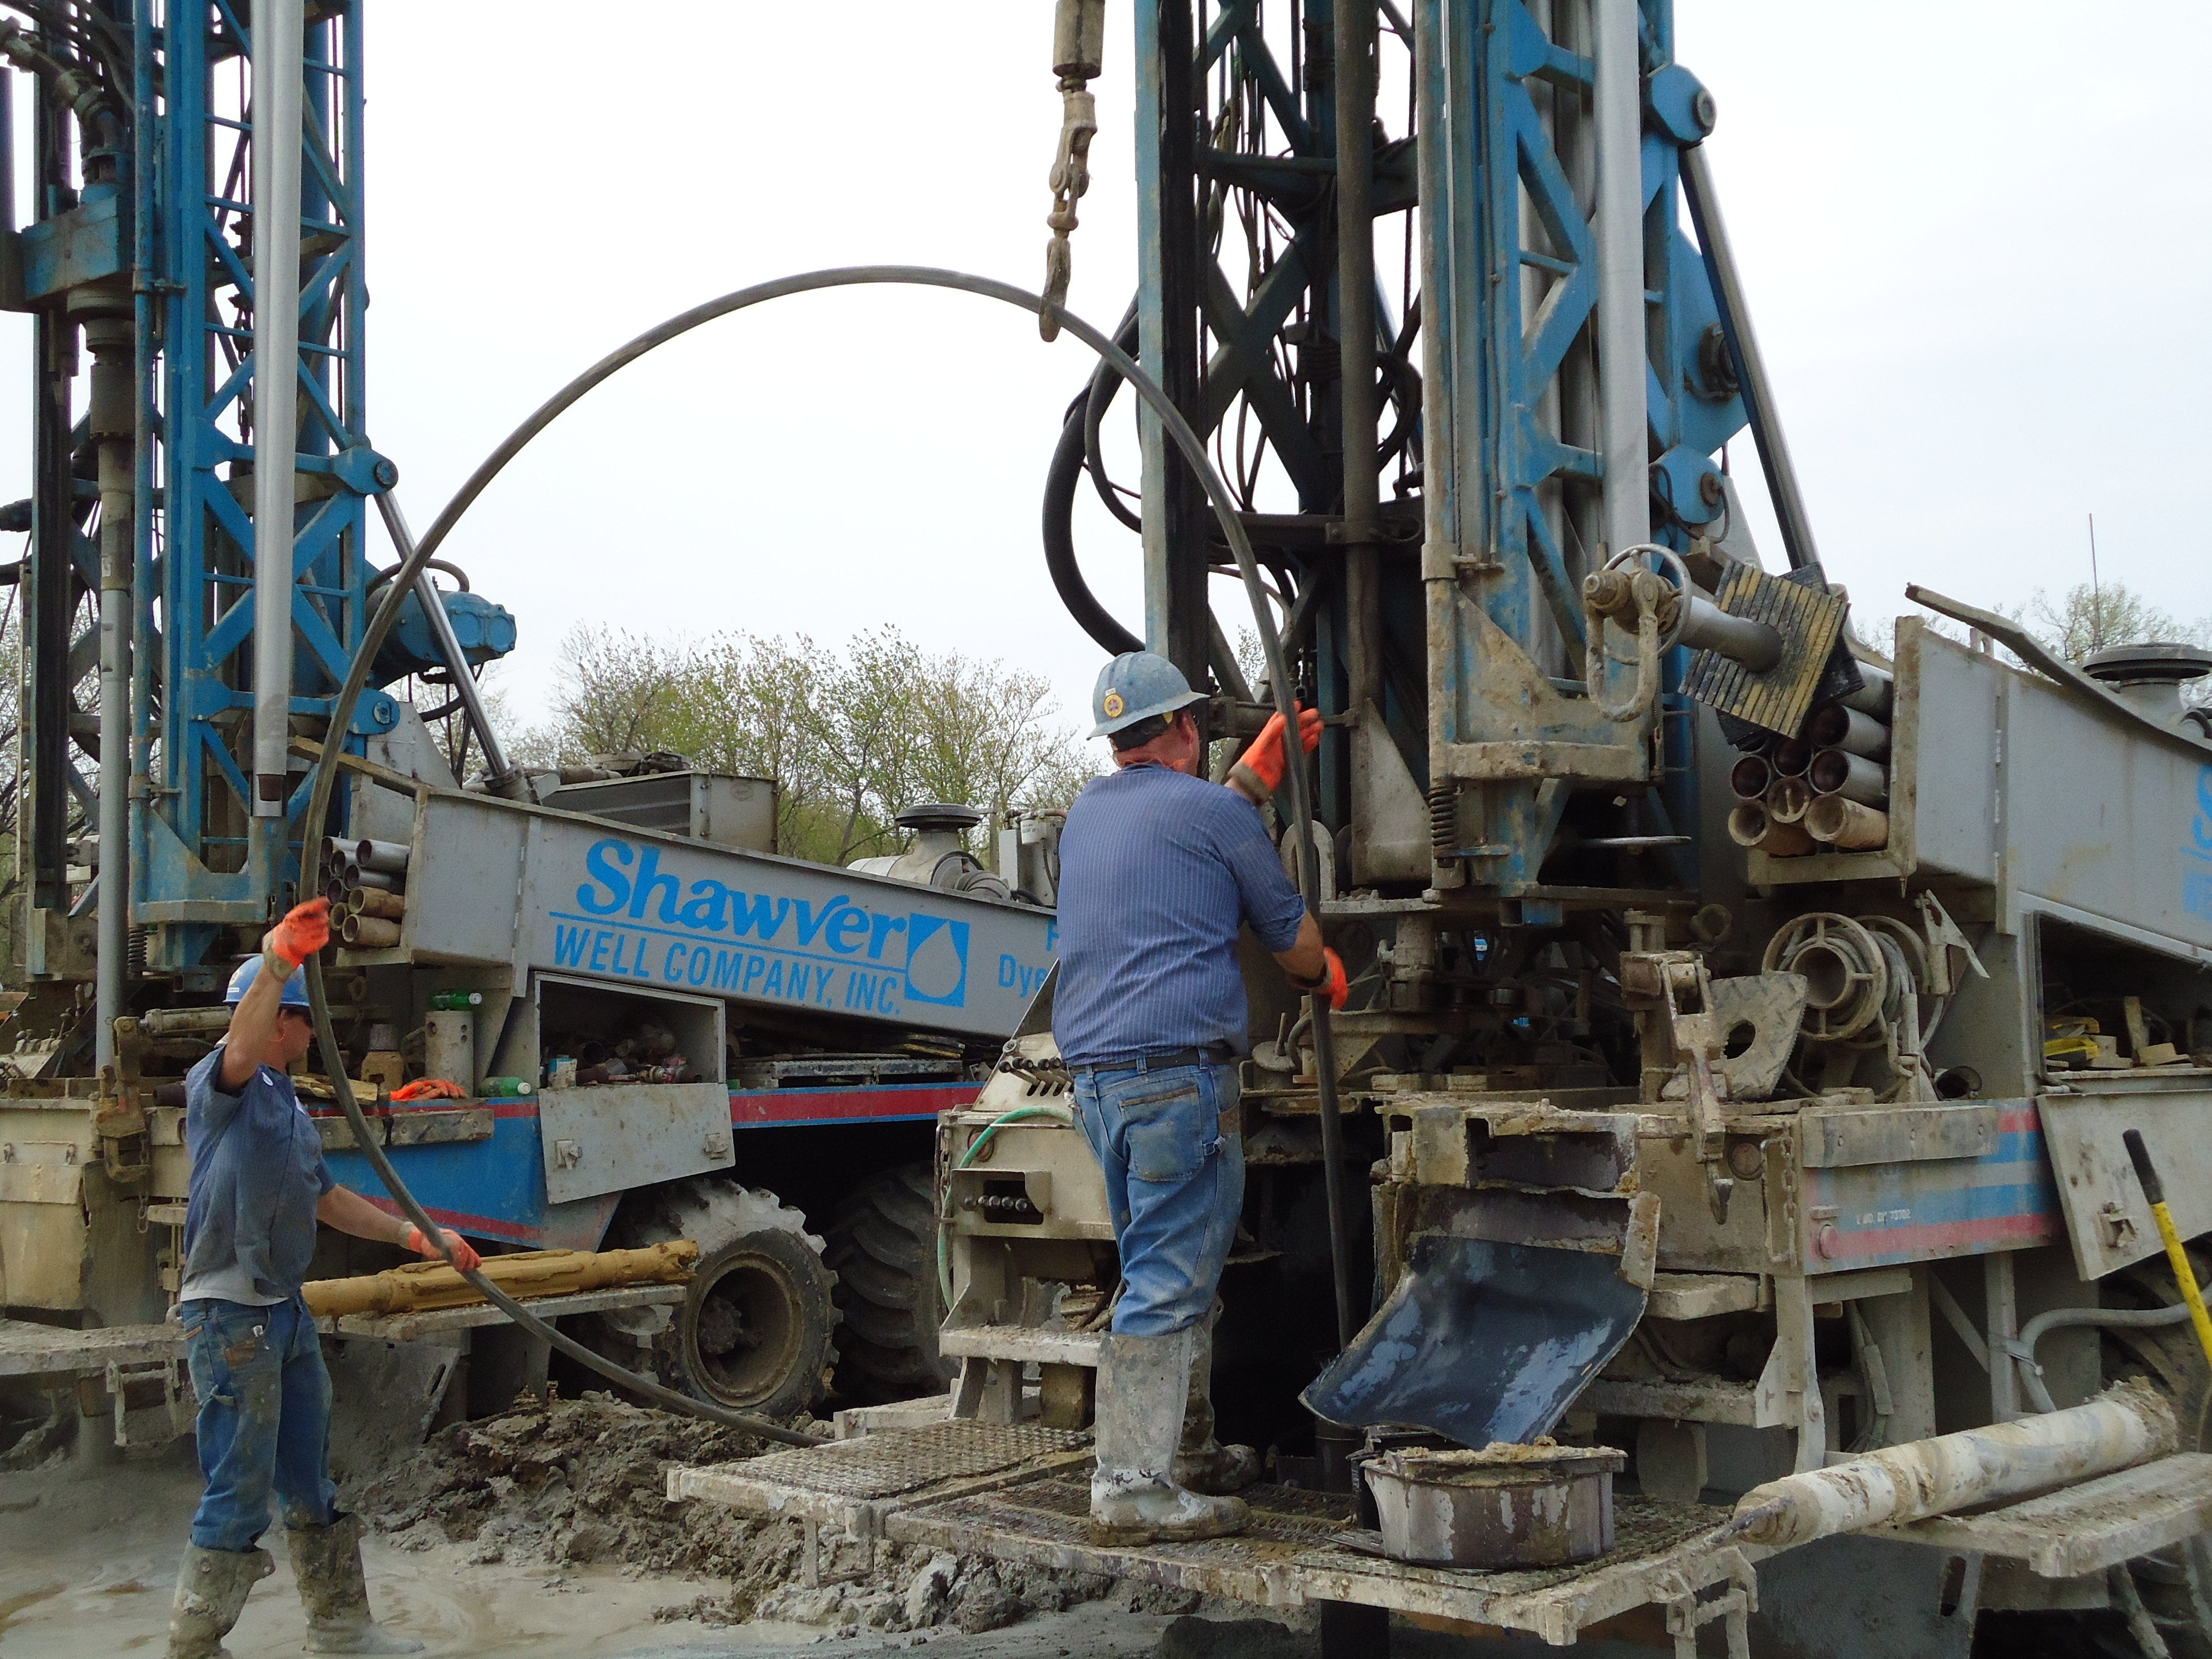 Pump drilling